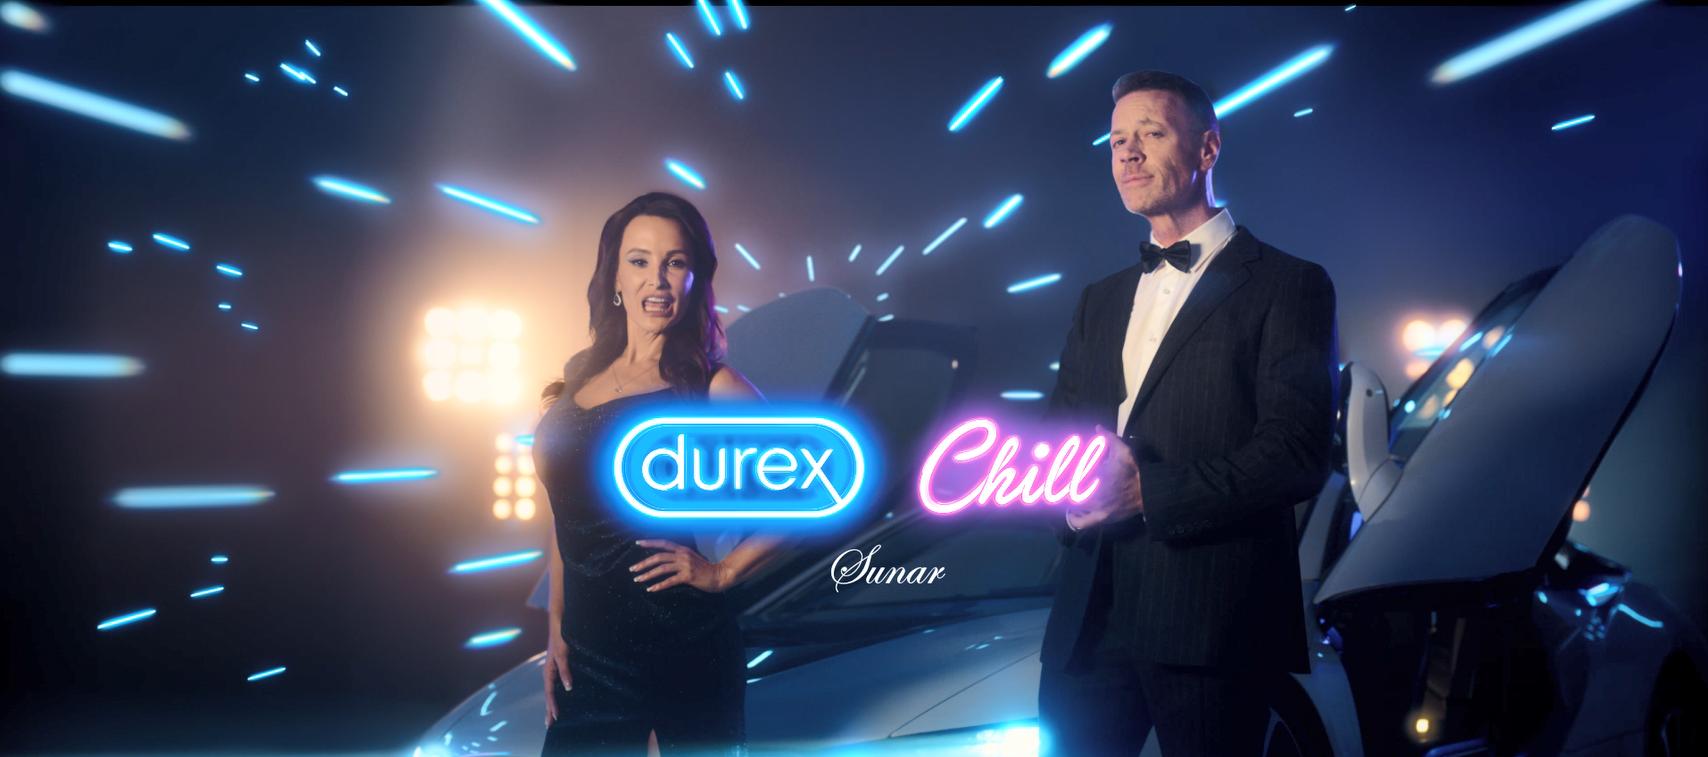 Durex'ten Gerçek Dışı İçeriklere Dikkat Çeken Kampanya